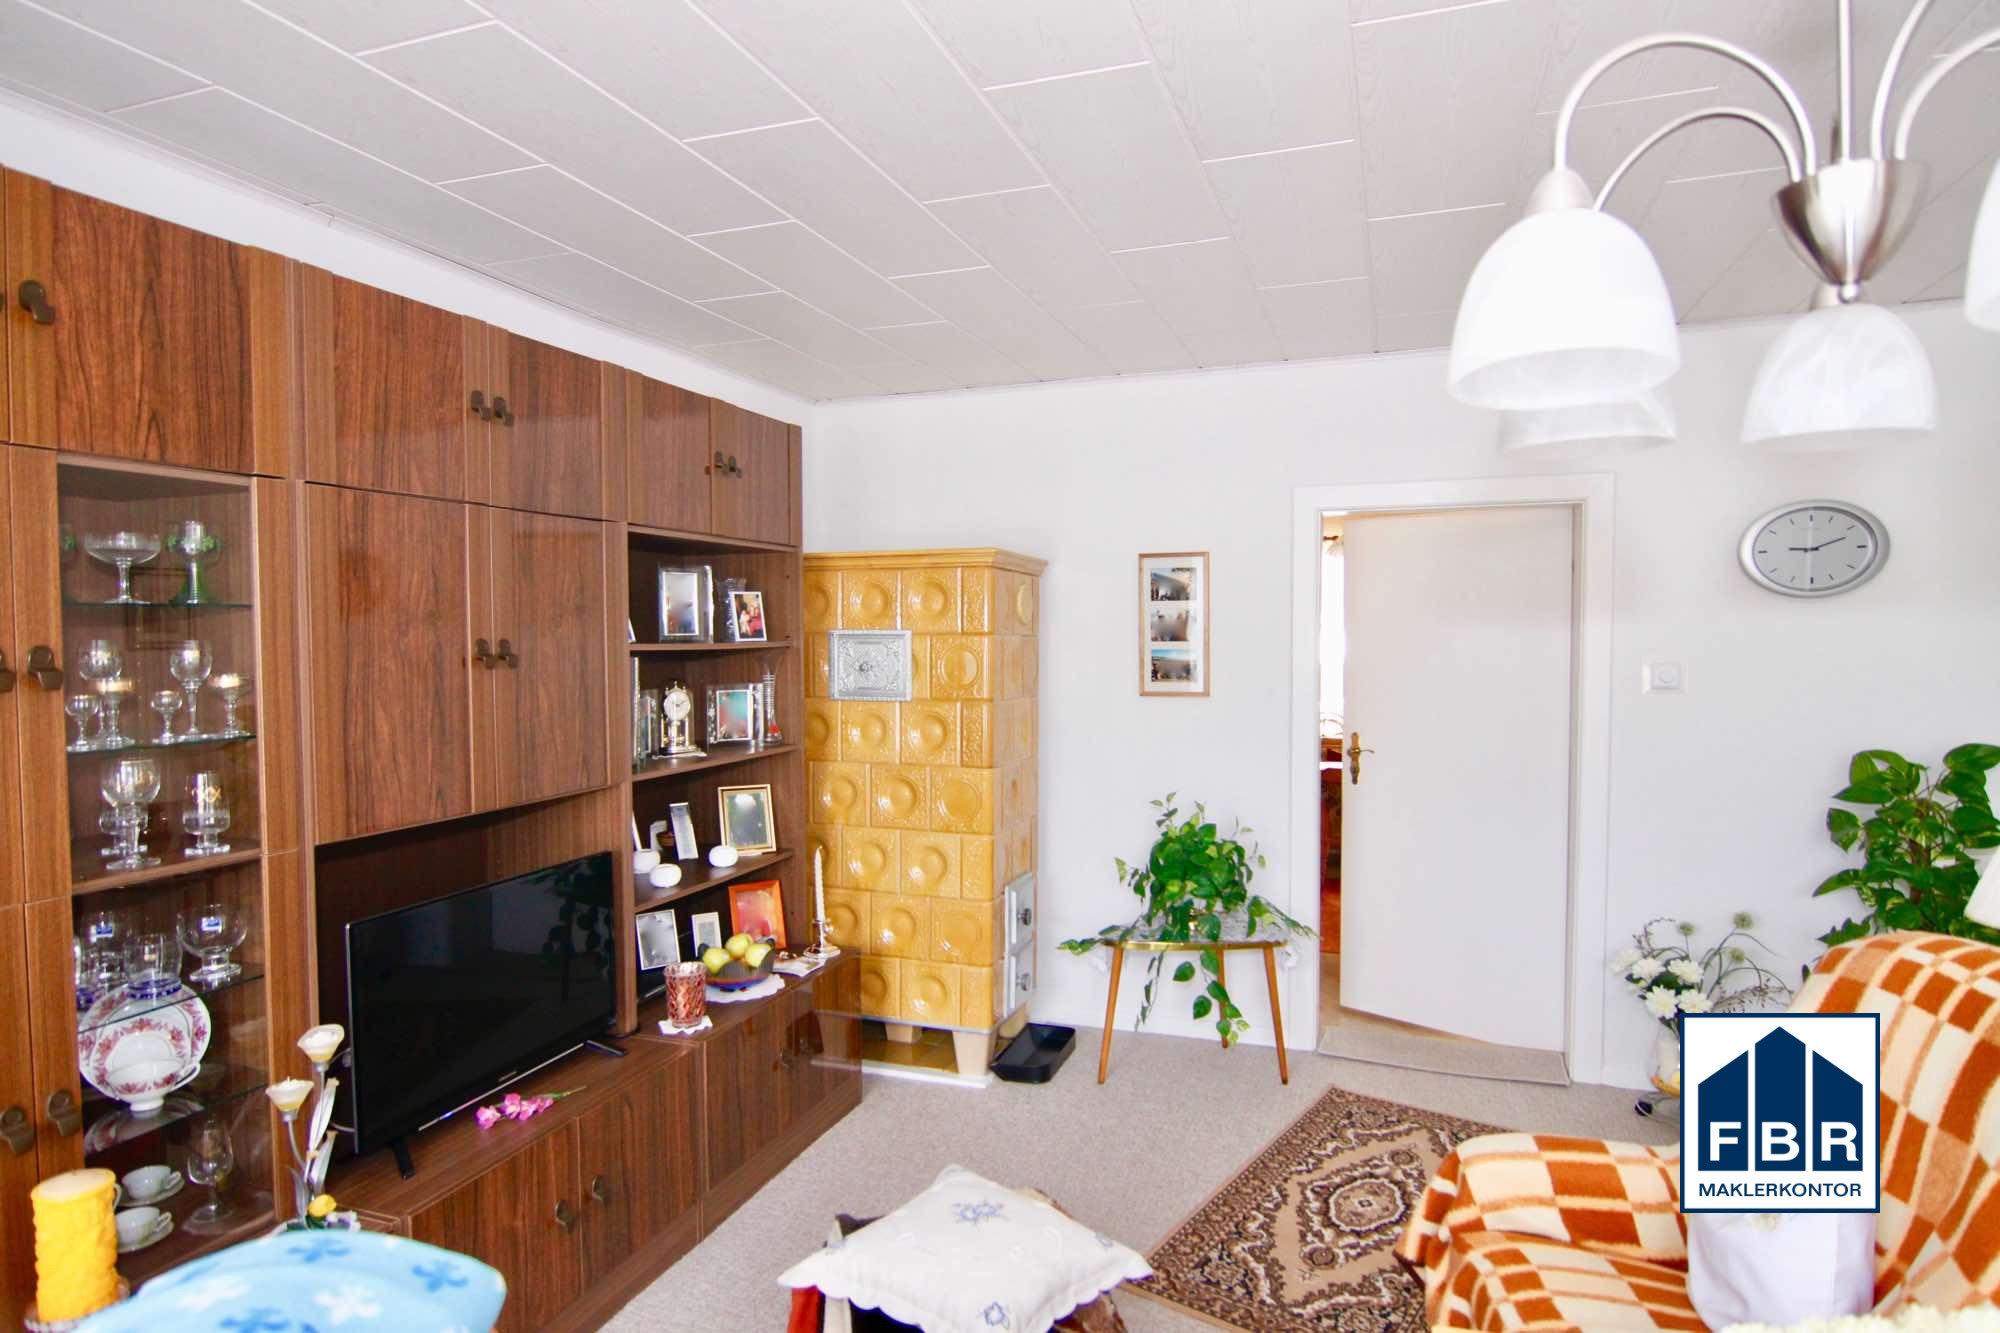 Wohnzimmer - Teil 2